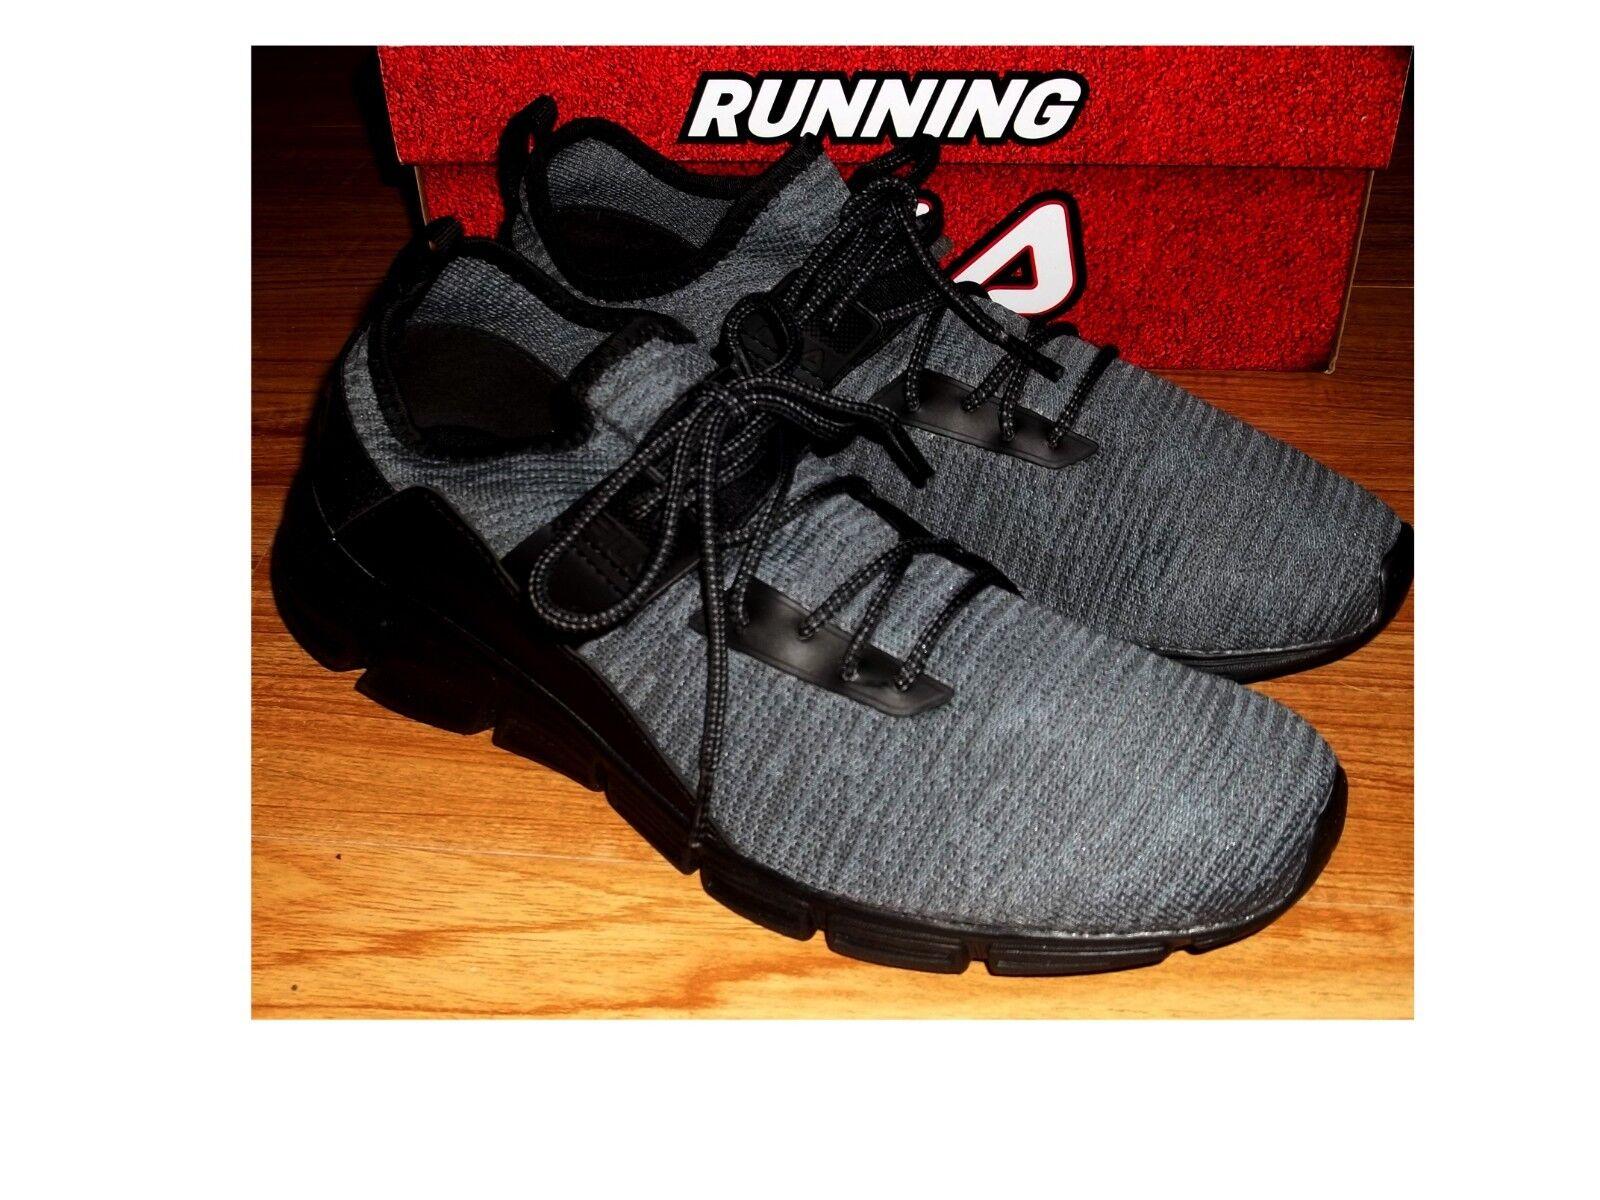 NWB Gray & Black FILA LOMBARDI Running Cross Training Shoes Sz 10   *FREESHIP* Cheap women's shoes women's shoes